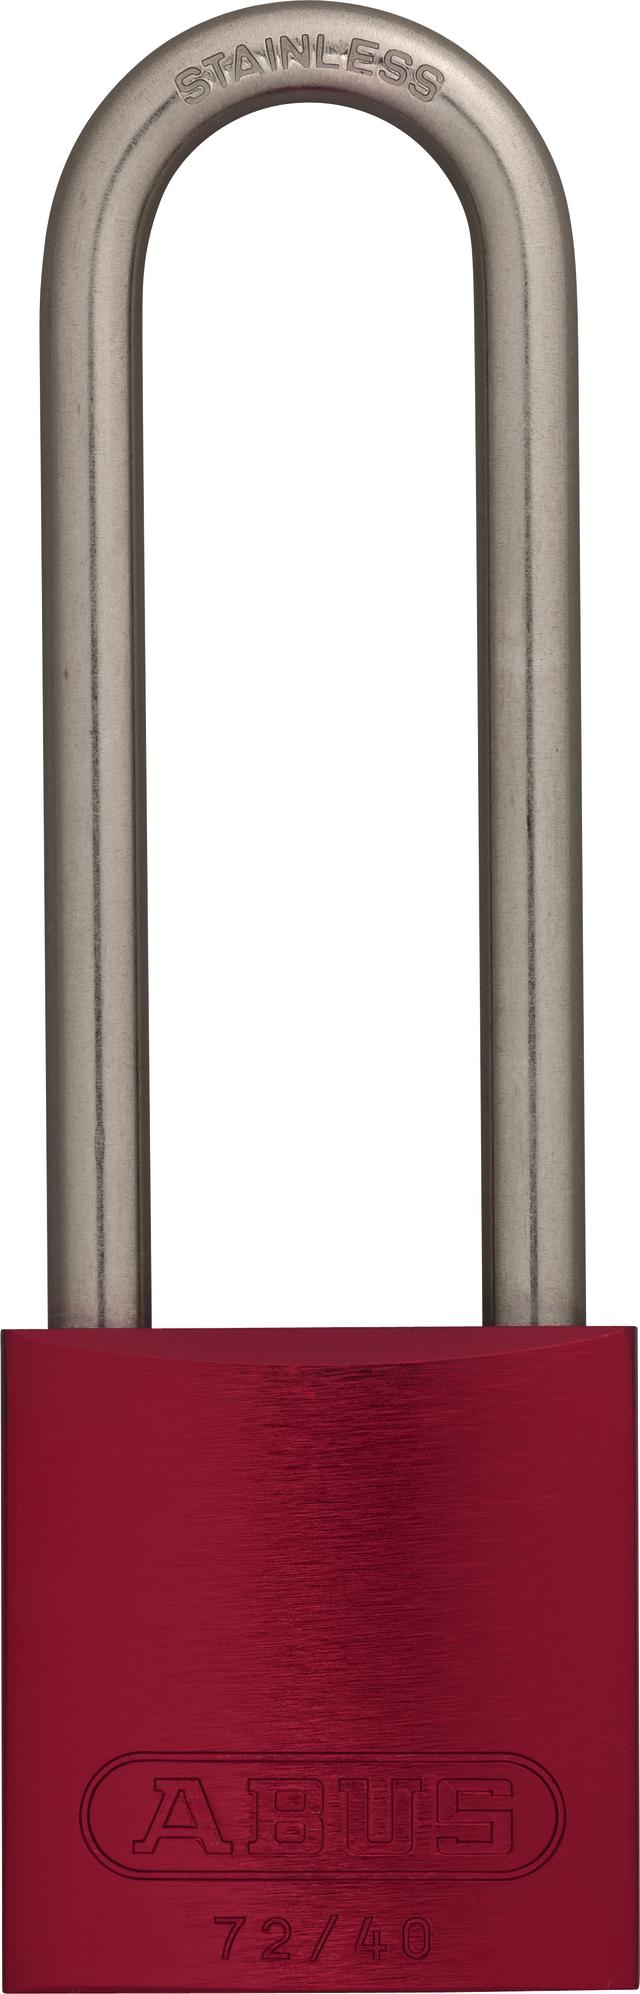 Vorhangschloss Aluminium 72IB/40HB75 rot vs.